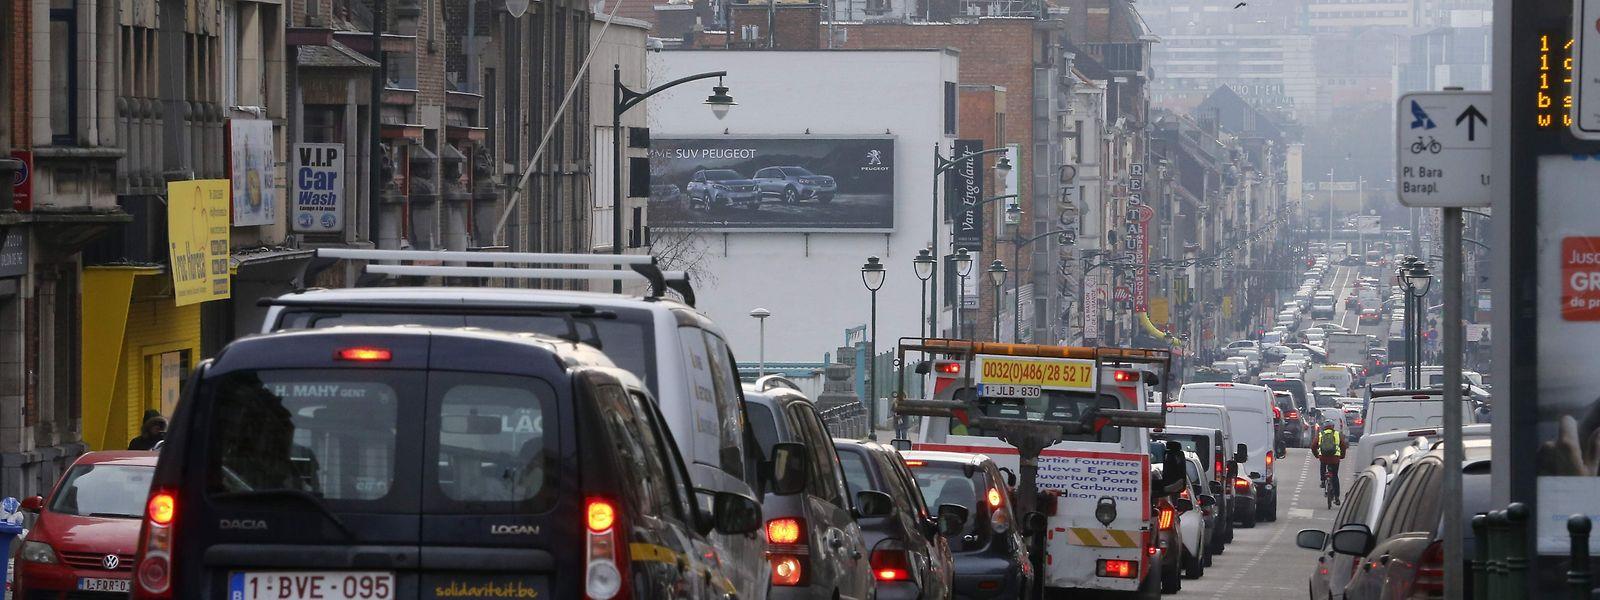 Les infrastructures routières vont être réaménagées pour imposer le 30 km/h aux véhicules dans la capitale et sa Région